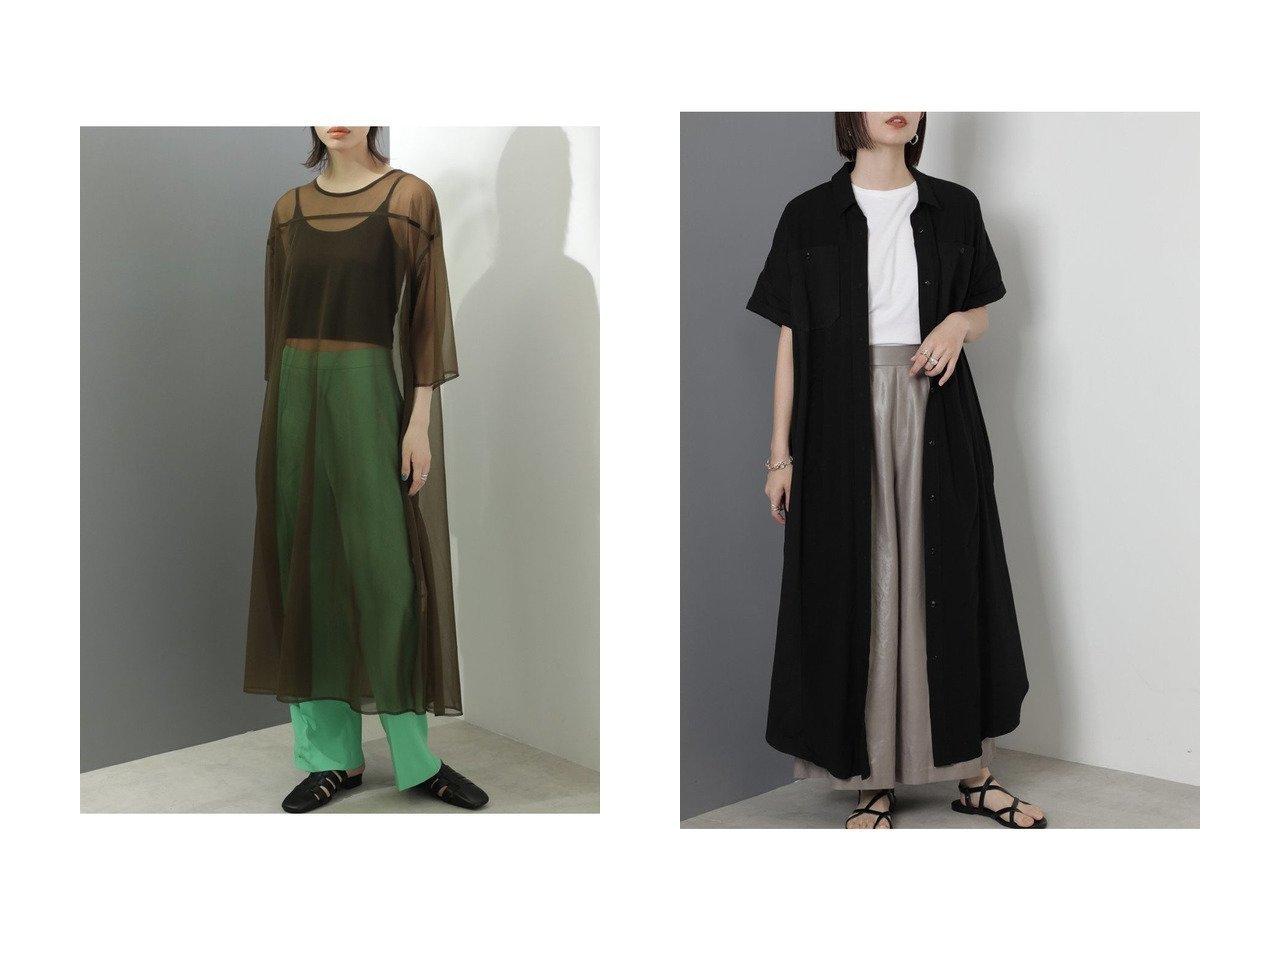 【ROSE BUD/ローズバッド】のロングシャツワンピース&シアーロングワンピース 【ワンピース・ドレス】おすすめ!人気、トレンド・レディースファッションの通販 おすすめで人気の流行・トレンド、ファッションの通販商品 インテリア・家具・メンズファッション・キッズファッション・レディースファッション・服の通販 founy(ファニー) https://founy.com/ ファッション Fashion レディースファッション WOMEN ワンピース Dress シャツワンピース Shirt Dresses 2021年 2021 2021-2022秋冬・A/W AW・Autumn/Winter・FW・Fall-Winter・2021-2022 A/W・秋冬 AW・Autumn/Winter・FW・Fall-Winter シアー シンプル ヨーク ロング おすすめ Recommend リネン 羽織  ID:crp329100000054598